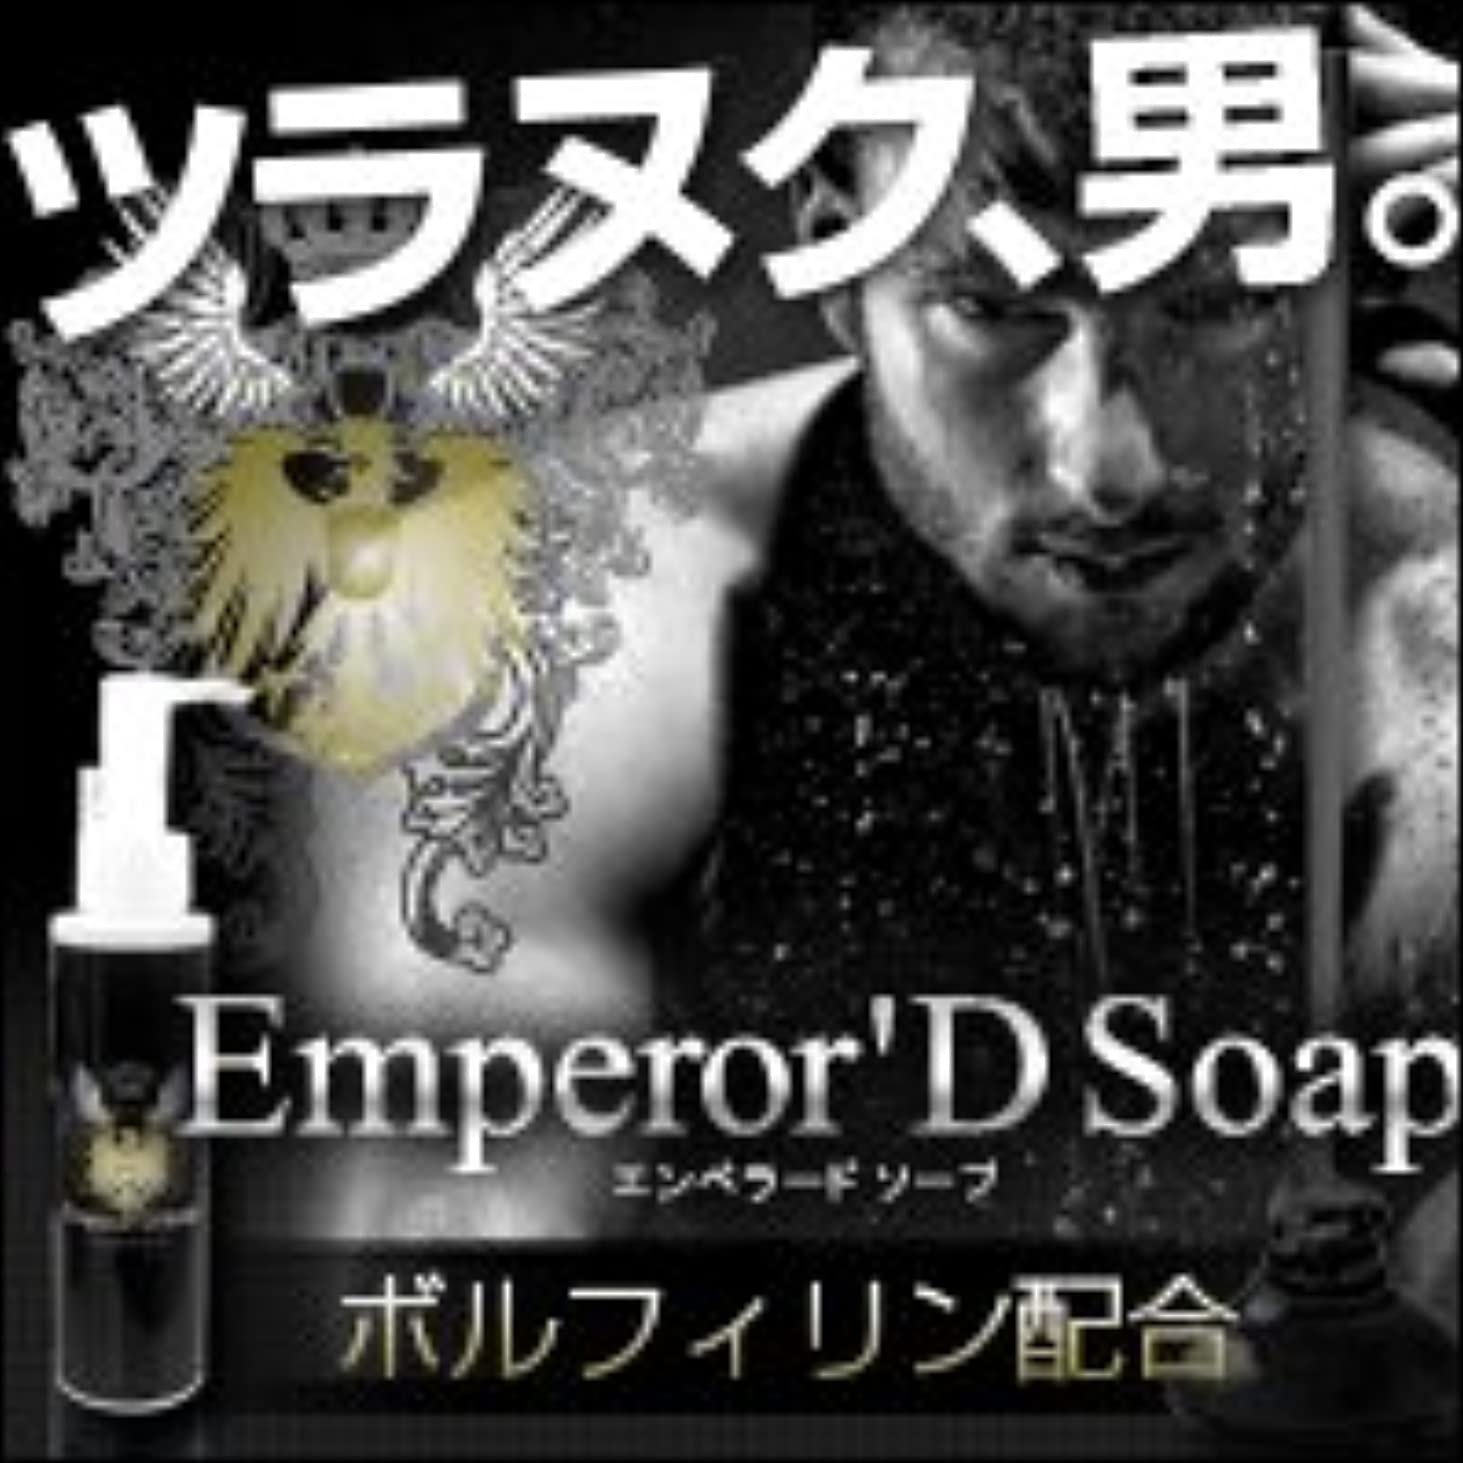 家滑り台バドミントン【Emperor'D Soap(エンペラードソープ)】ツラヌク男になる!!!